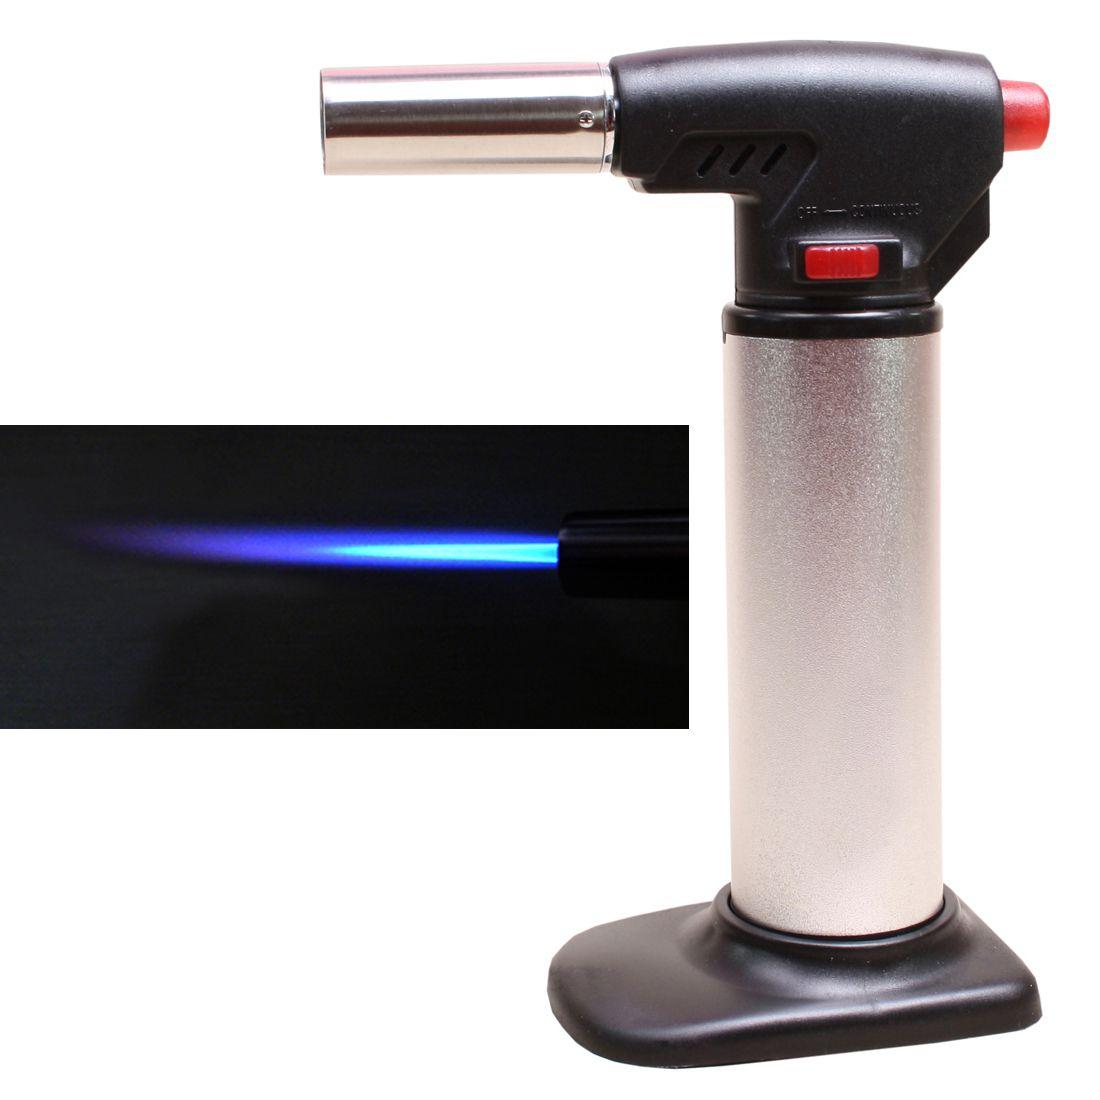 jm kitchen blow torch - Kitchen Blowtorch